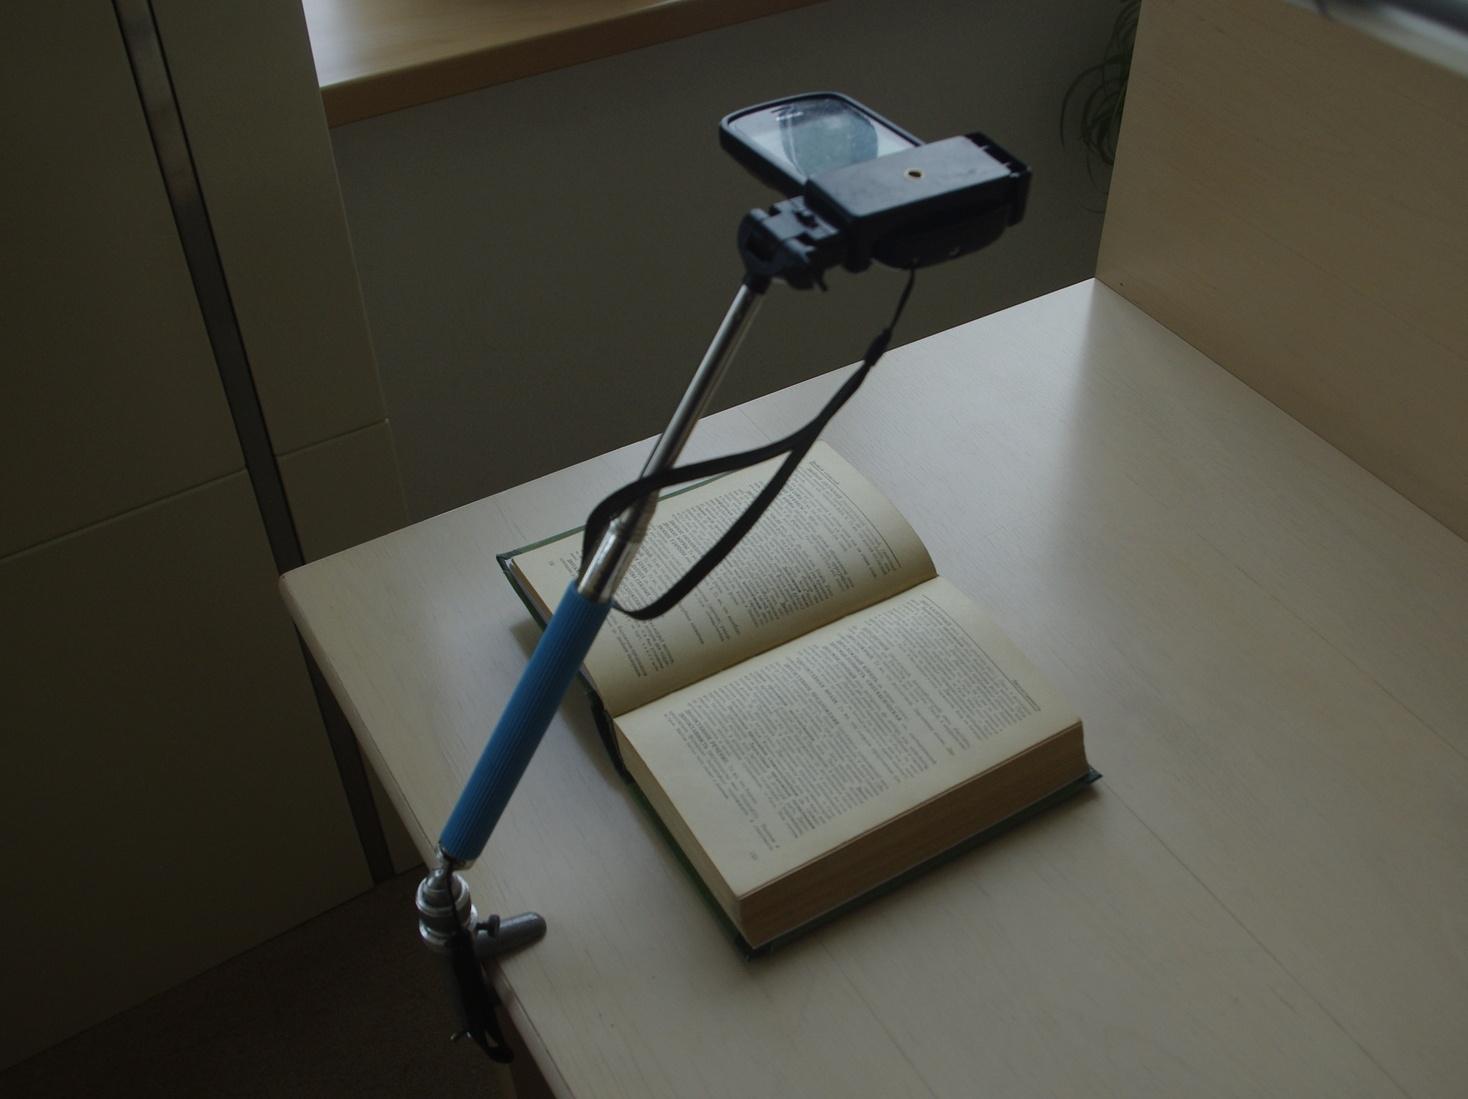 «Цифровое книгопечатание» или мой опыт в мобильной оцифровке книг - 5